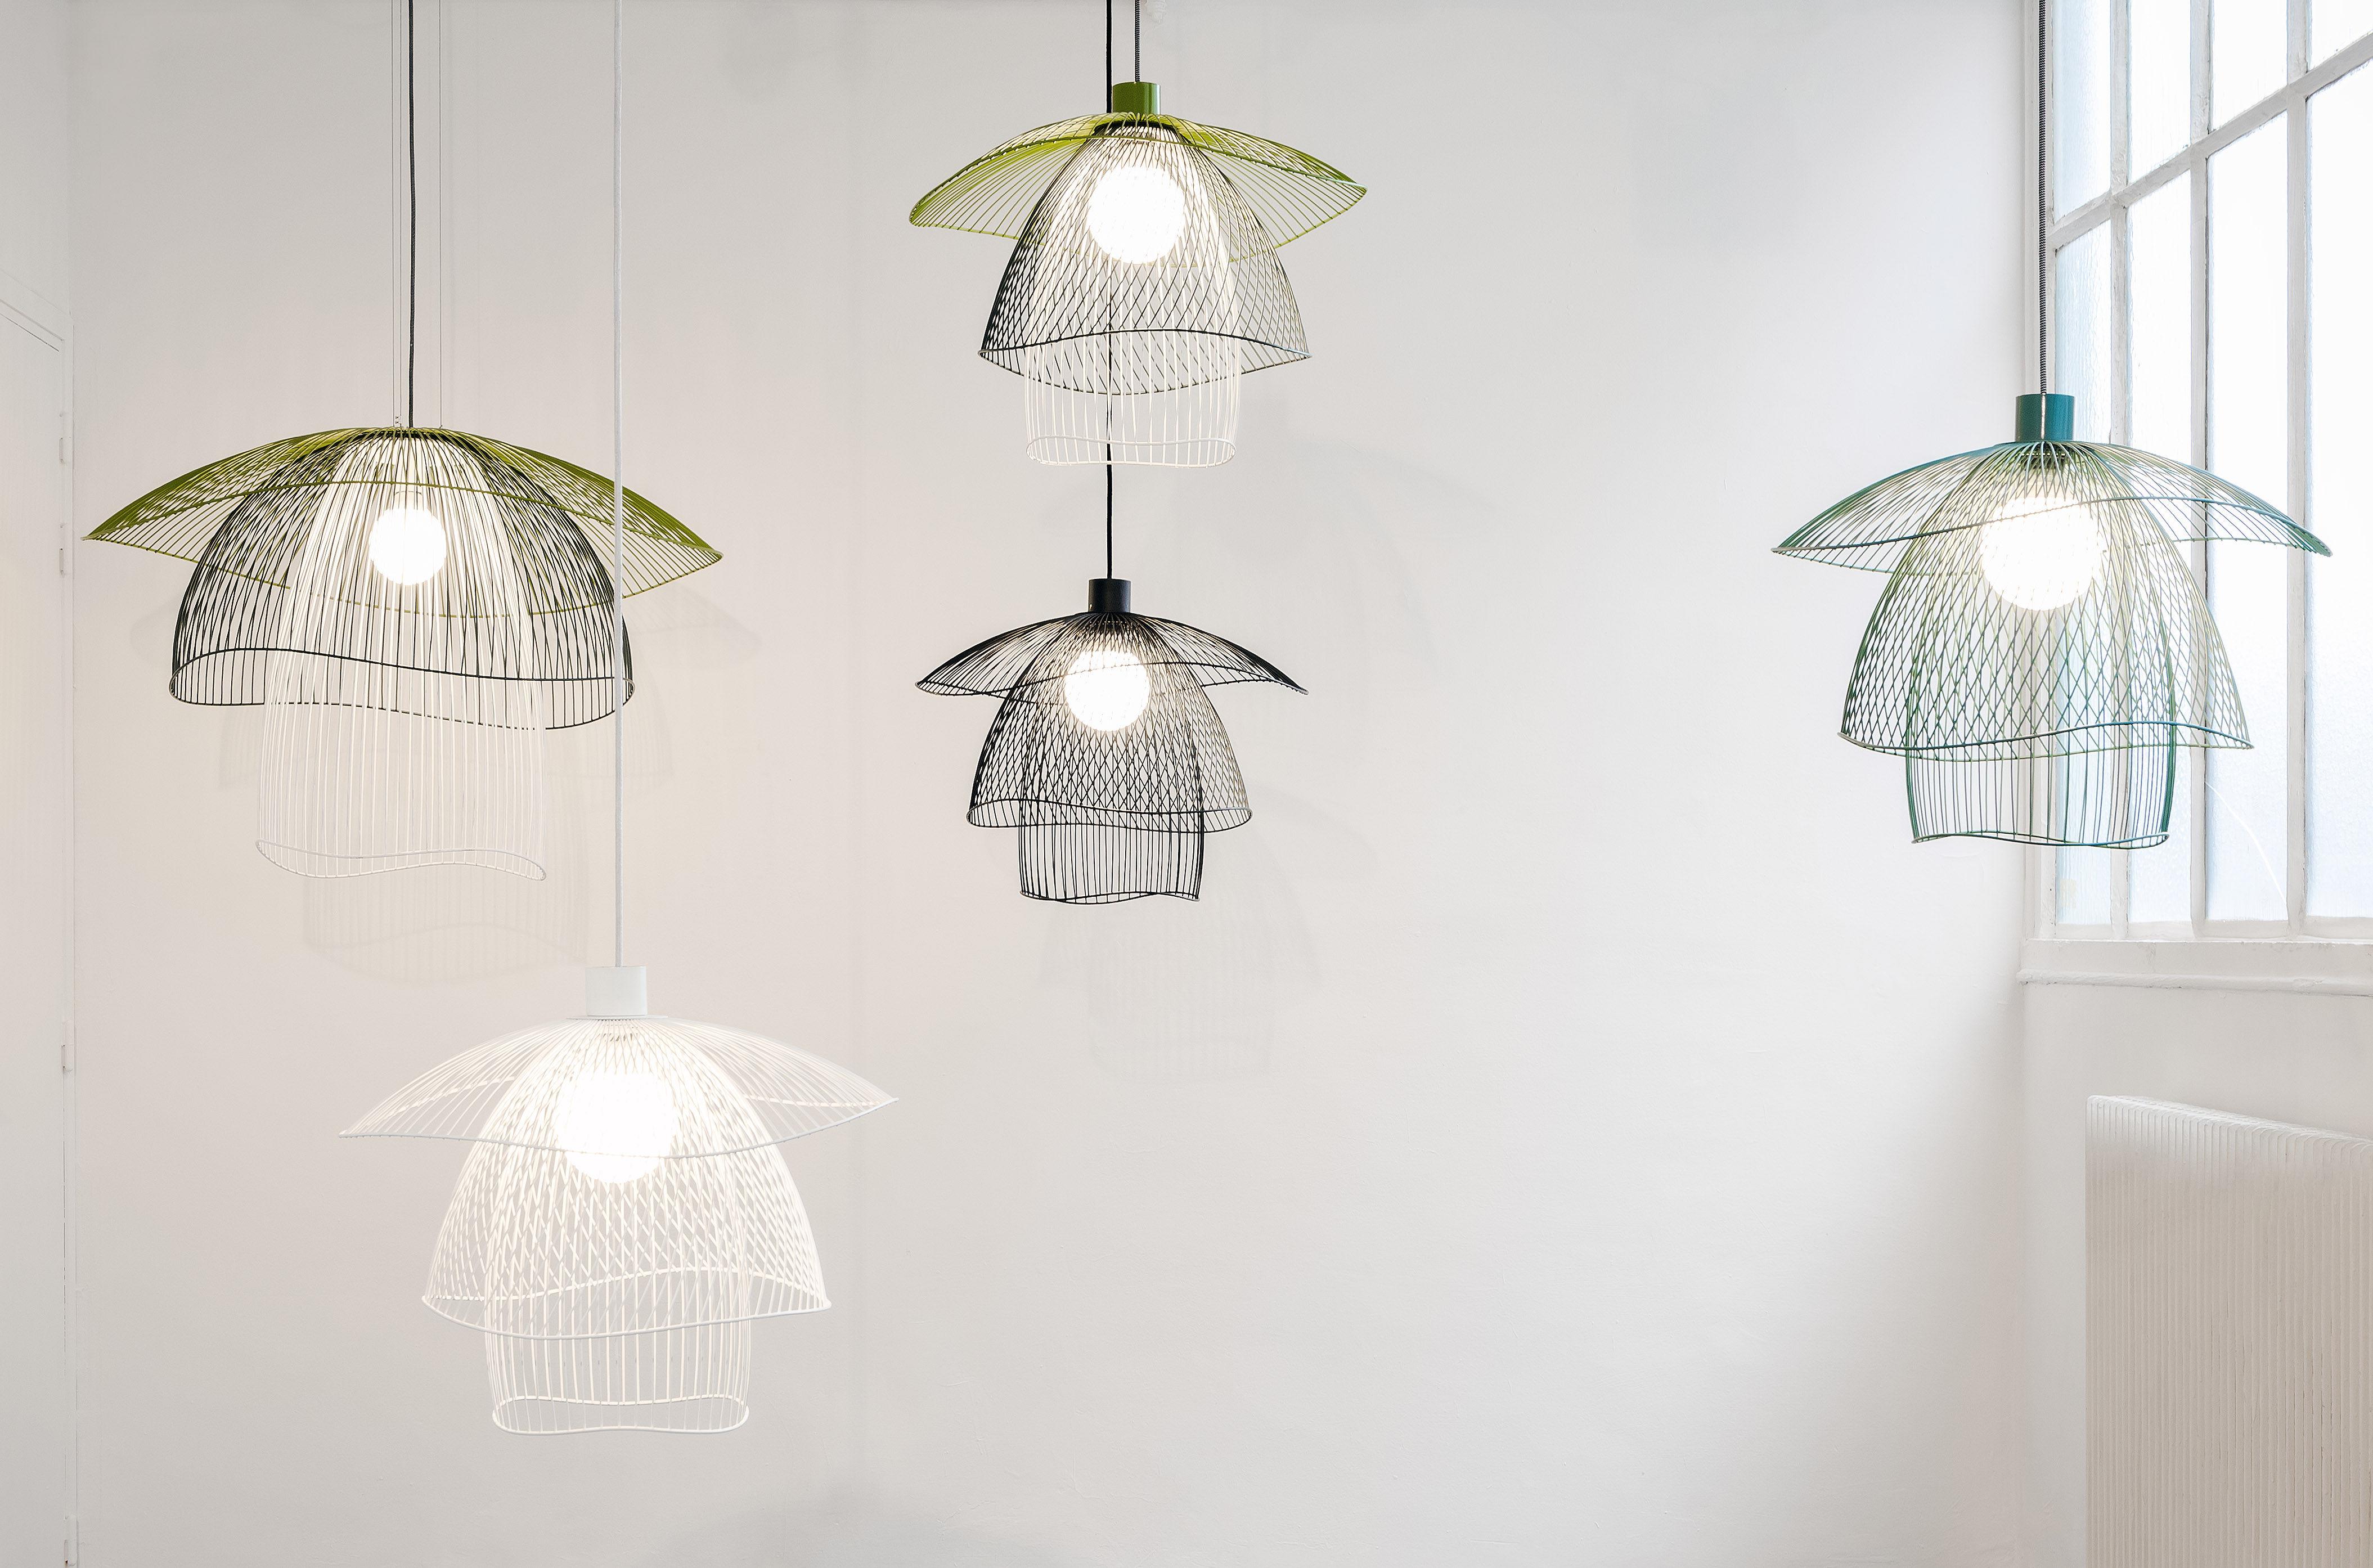 lampe forestier papillon moderne Intérieur Littoz annecy